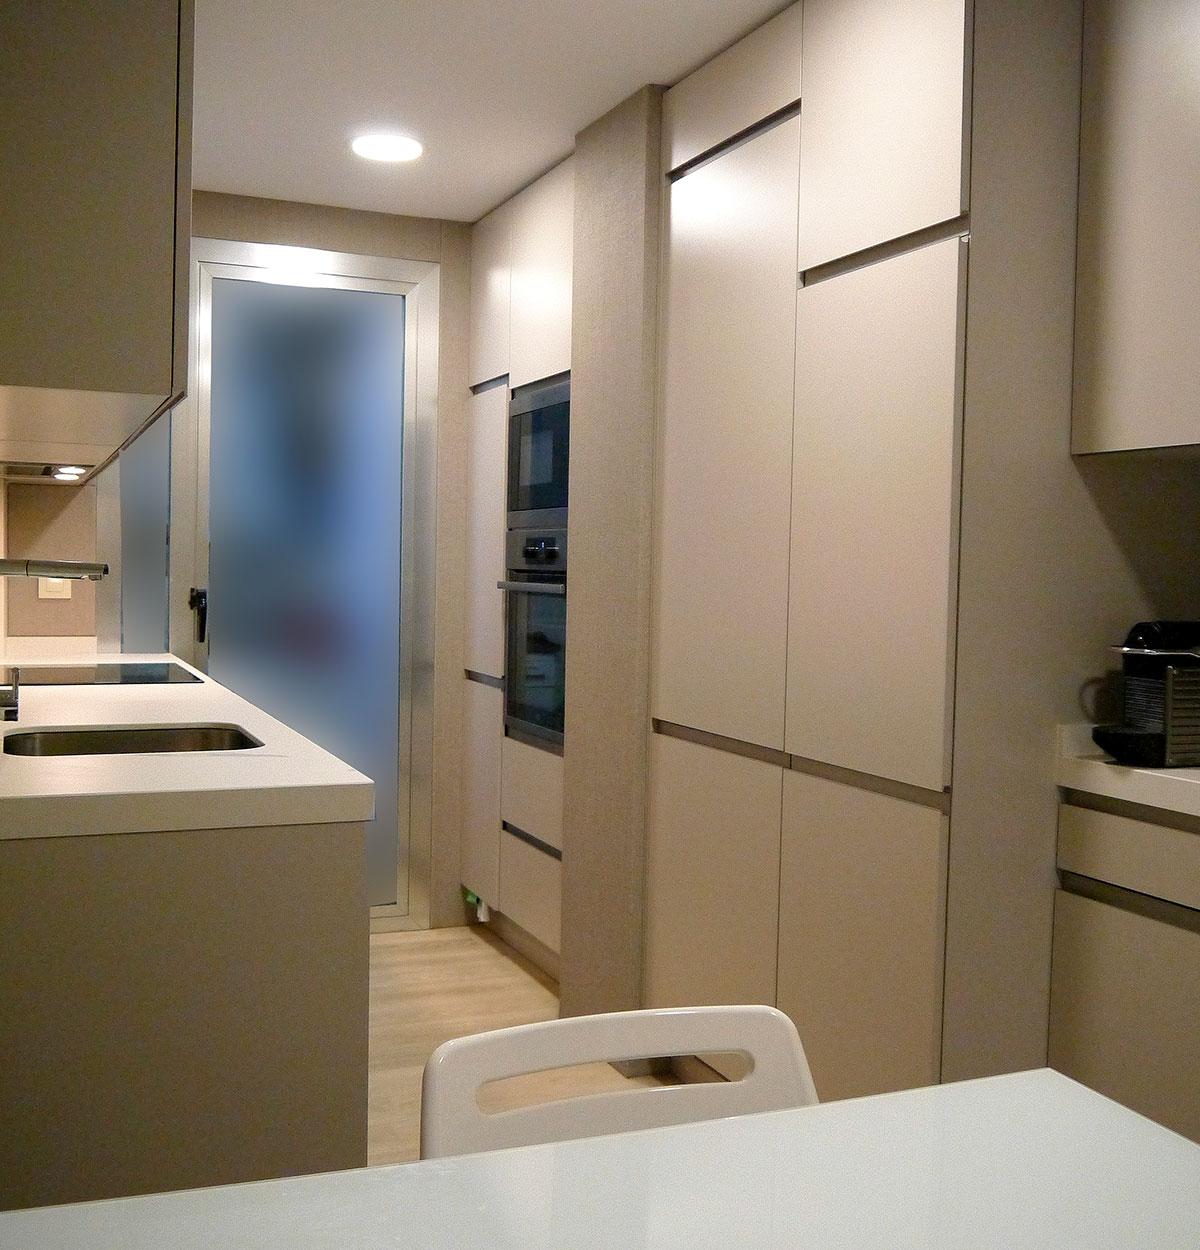 Nueva distribución de mobiliario de cocina 2